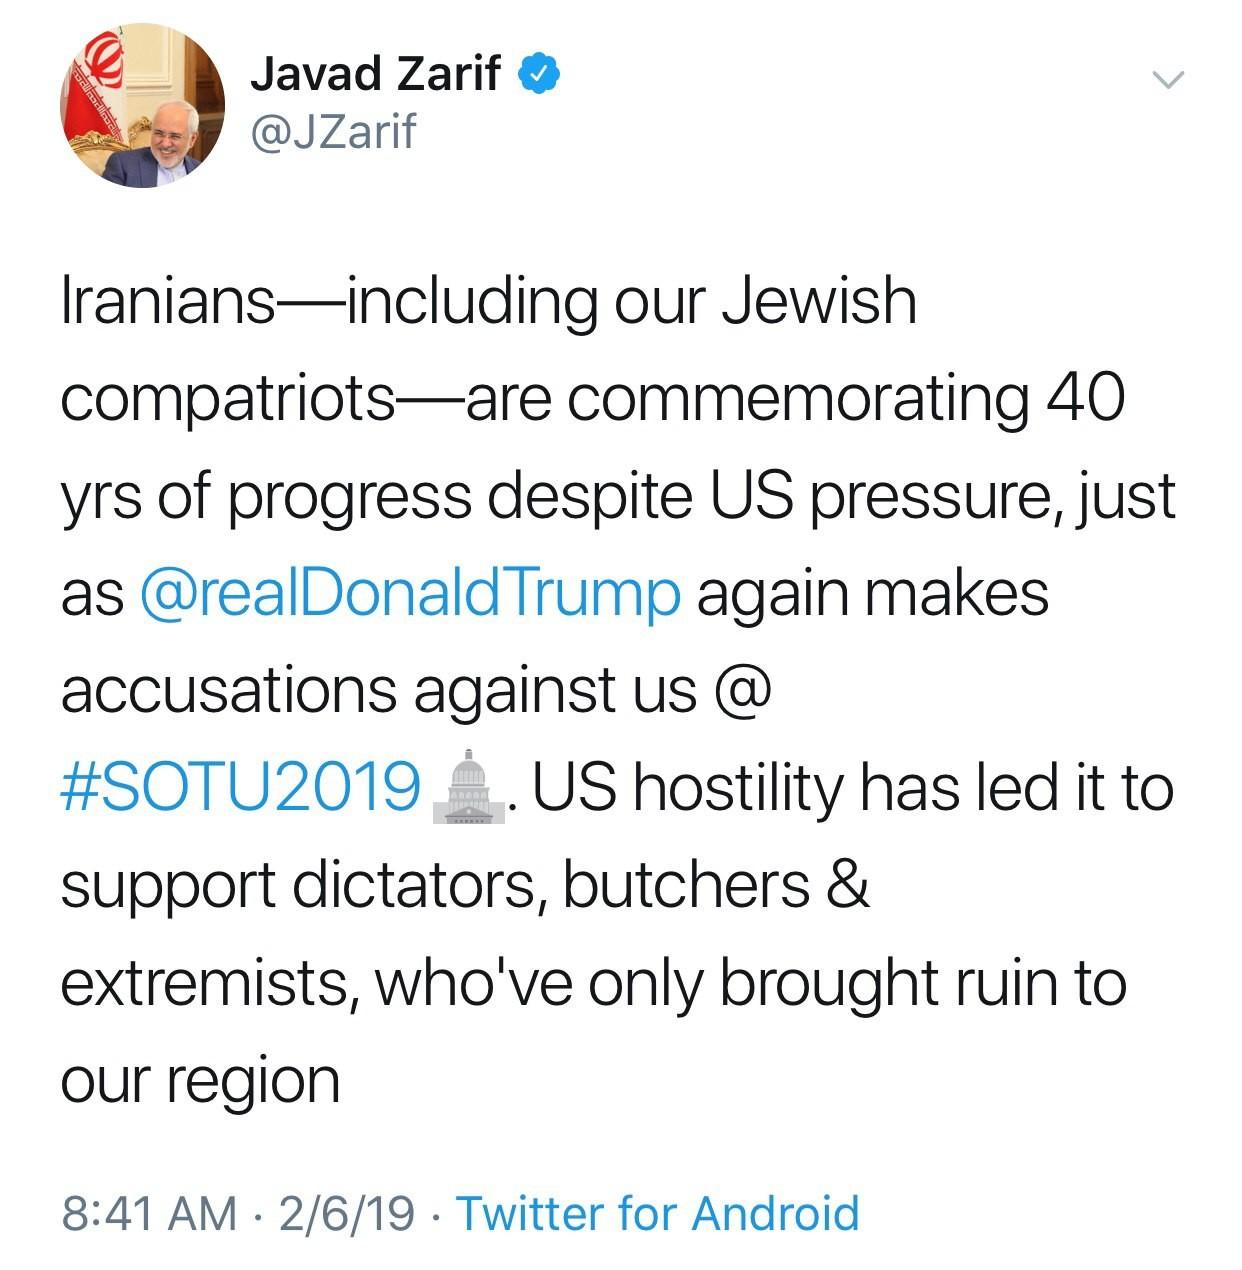 ایرانیها در حال  جشن گرفتن ۴۰ سال پیشرفت هستند